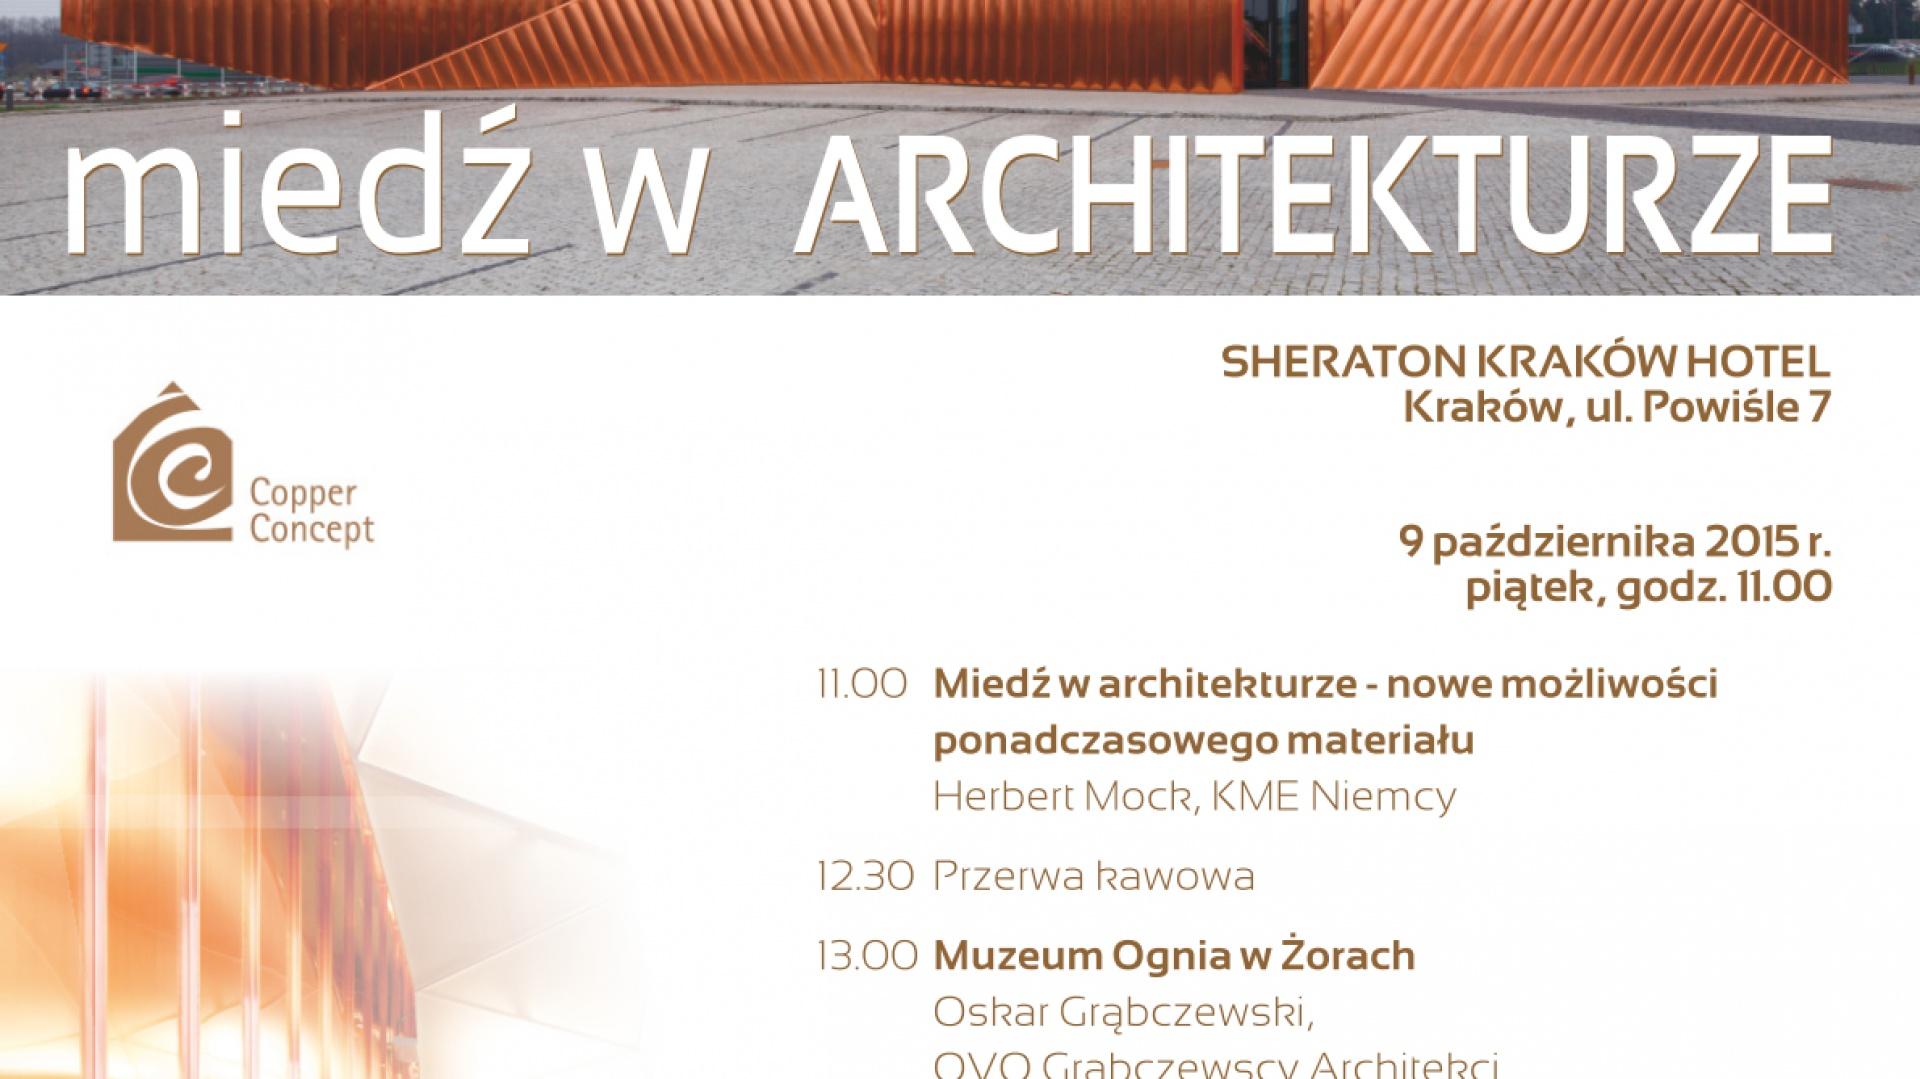 Miedz w architekturze. Spotkanie adresowane jest do architektów, designerów, inwestorów i wszystkich tych, którzy interesują się współczesną architekturą. Fot. Materiały prasowe